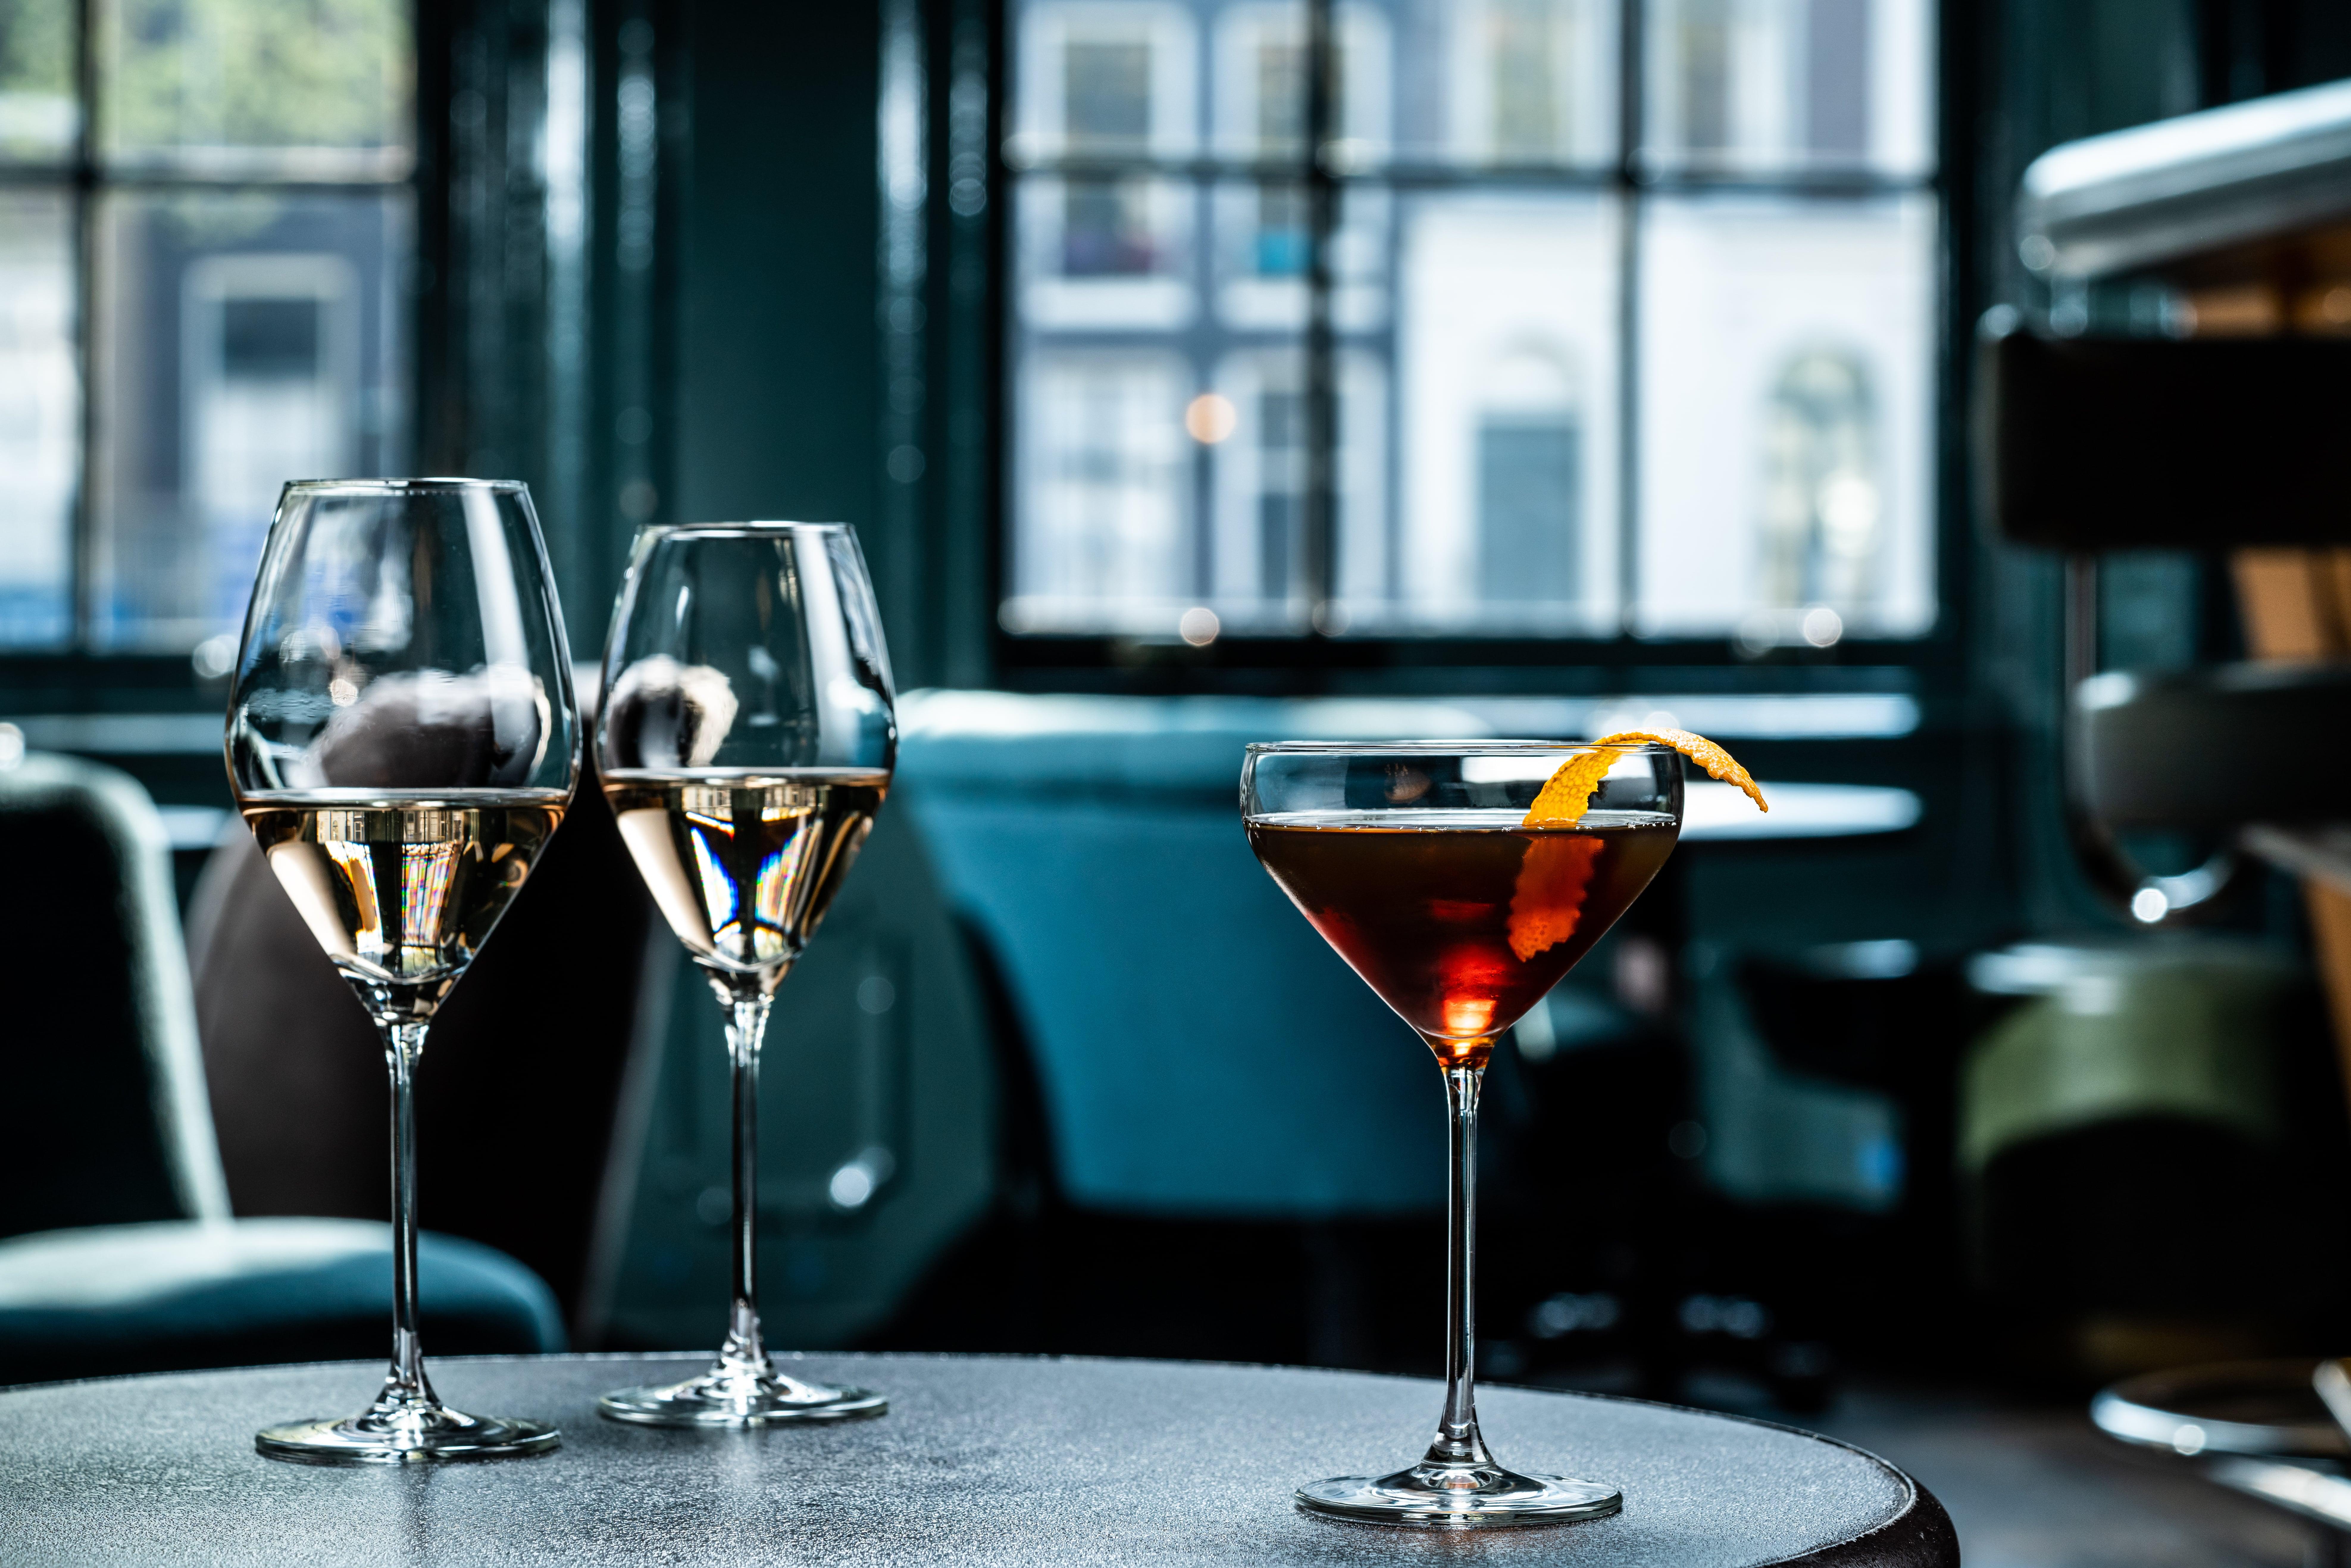 Vähennä juomahävikkiä mittaviivallisilla laseilla